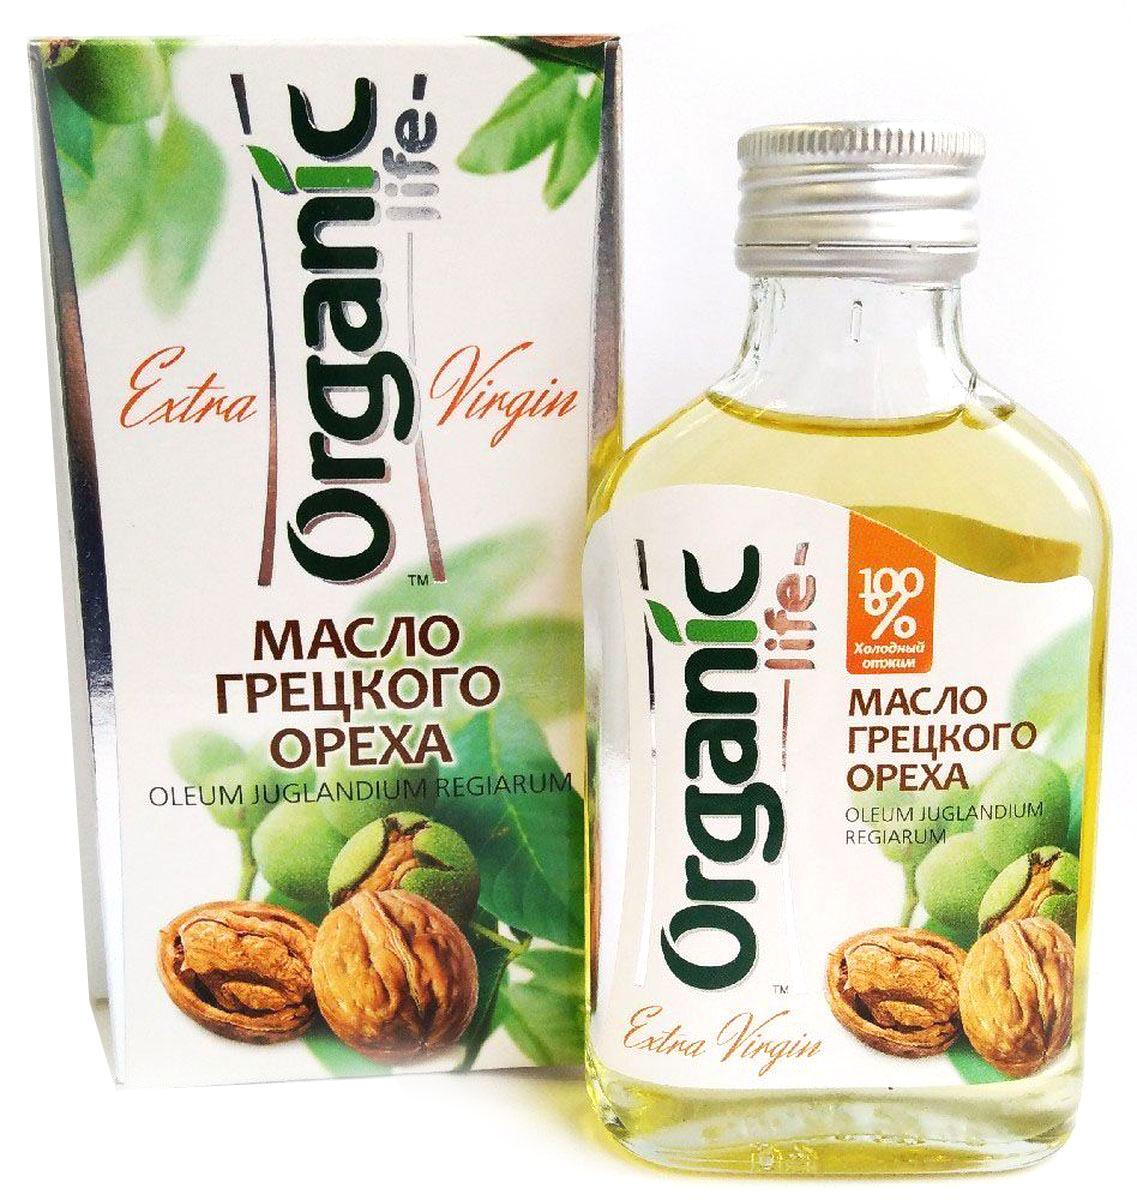 Масло грецкого ореха содержит витамины: Е, В1, В6, биотин, микроэлементы, жирные кислоты, фосфолипиды, коэнзим Q10 (вещество, обладающее антиоксидантным действием, активизирующее обмен веществ в клетках). Масло грецкого ореха благотворно влияет на работу нервной и эндокринной системы, увеличивают умственную работоспособность, нормализуют сон и снимают усталость. Отличительная особенность масла грецкого ореха – сбалансированный комплекс полиненасыщенных жирных кислот Омега-6 и Омега-3 (витамин Р), их соотношение является оптимальным - 5:1. Грецкое масло обладает нежным вкусом и ароматом, подходит для любых блюд, в том числе фруктовых салатов. Способ применения: по 1 ч.л. 2-3 раза в день. Чайная ложка масла, выпитая на голодный желудок после стакана воды, помогает наладить пищеварение.